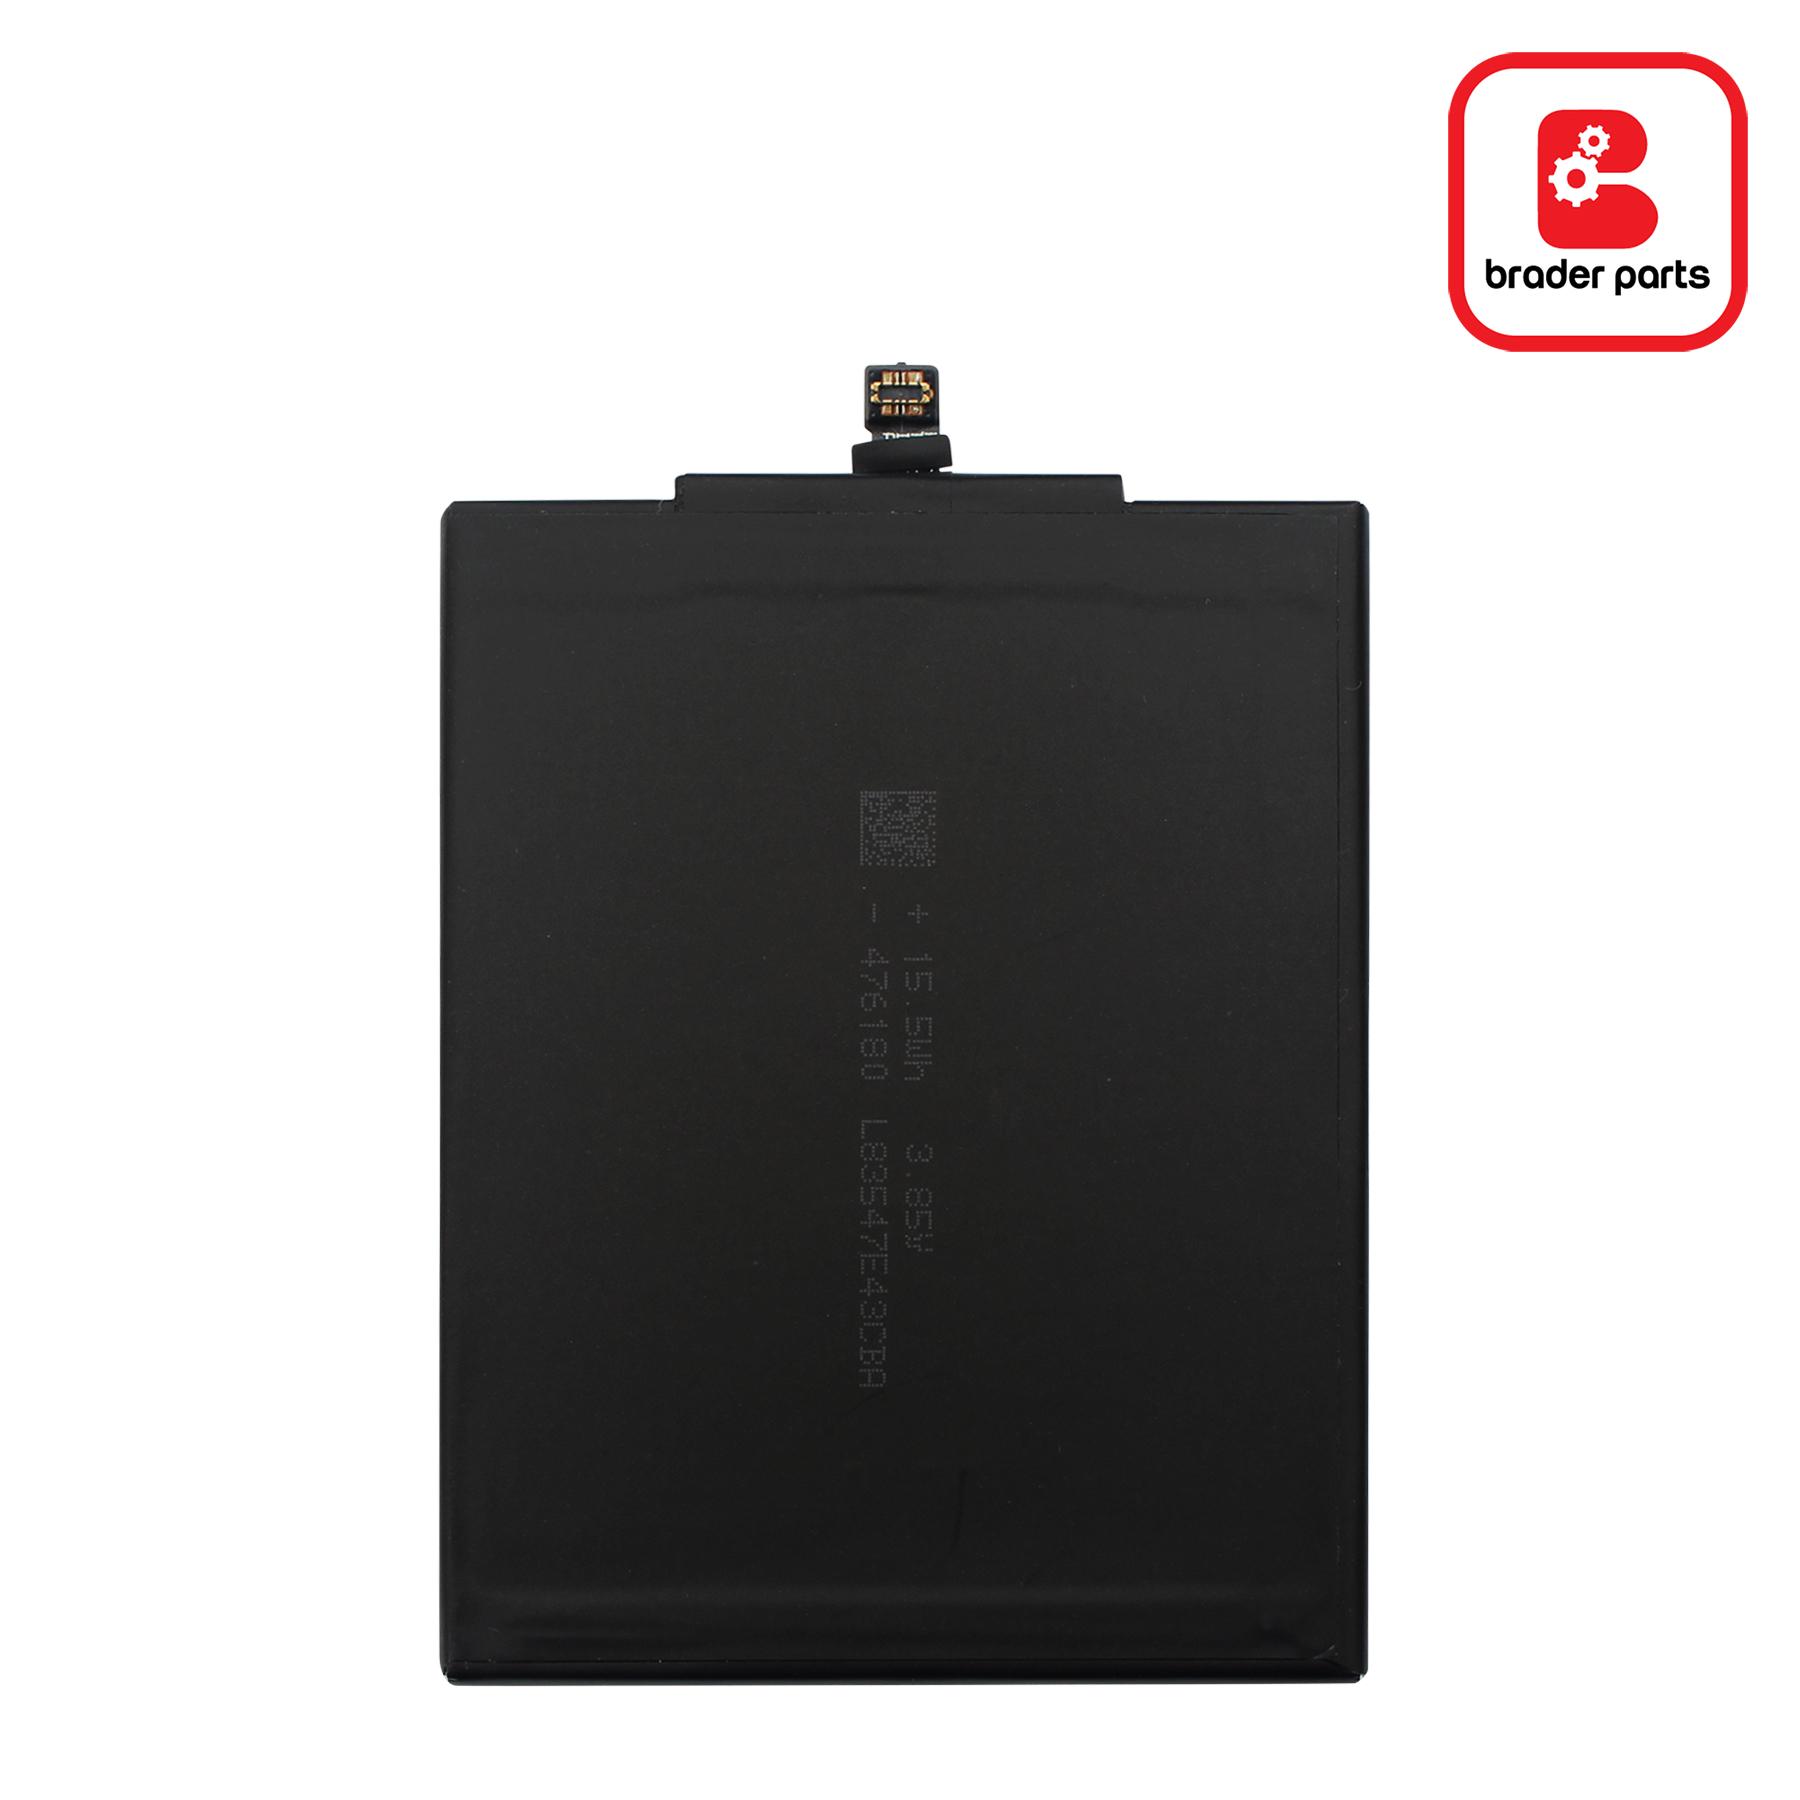 Baterai Redmi 3 ,3X, 3 Pro,3S,3S Prime,4X BM47